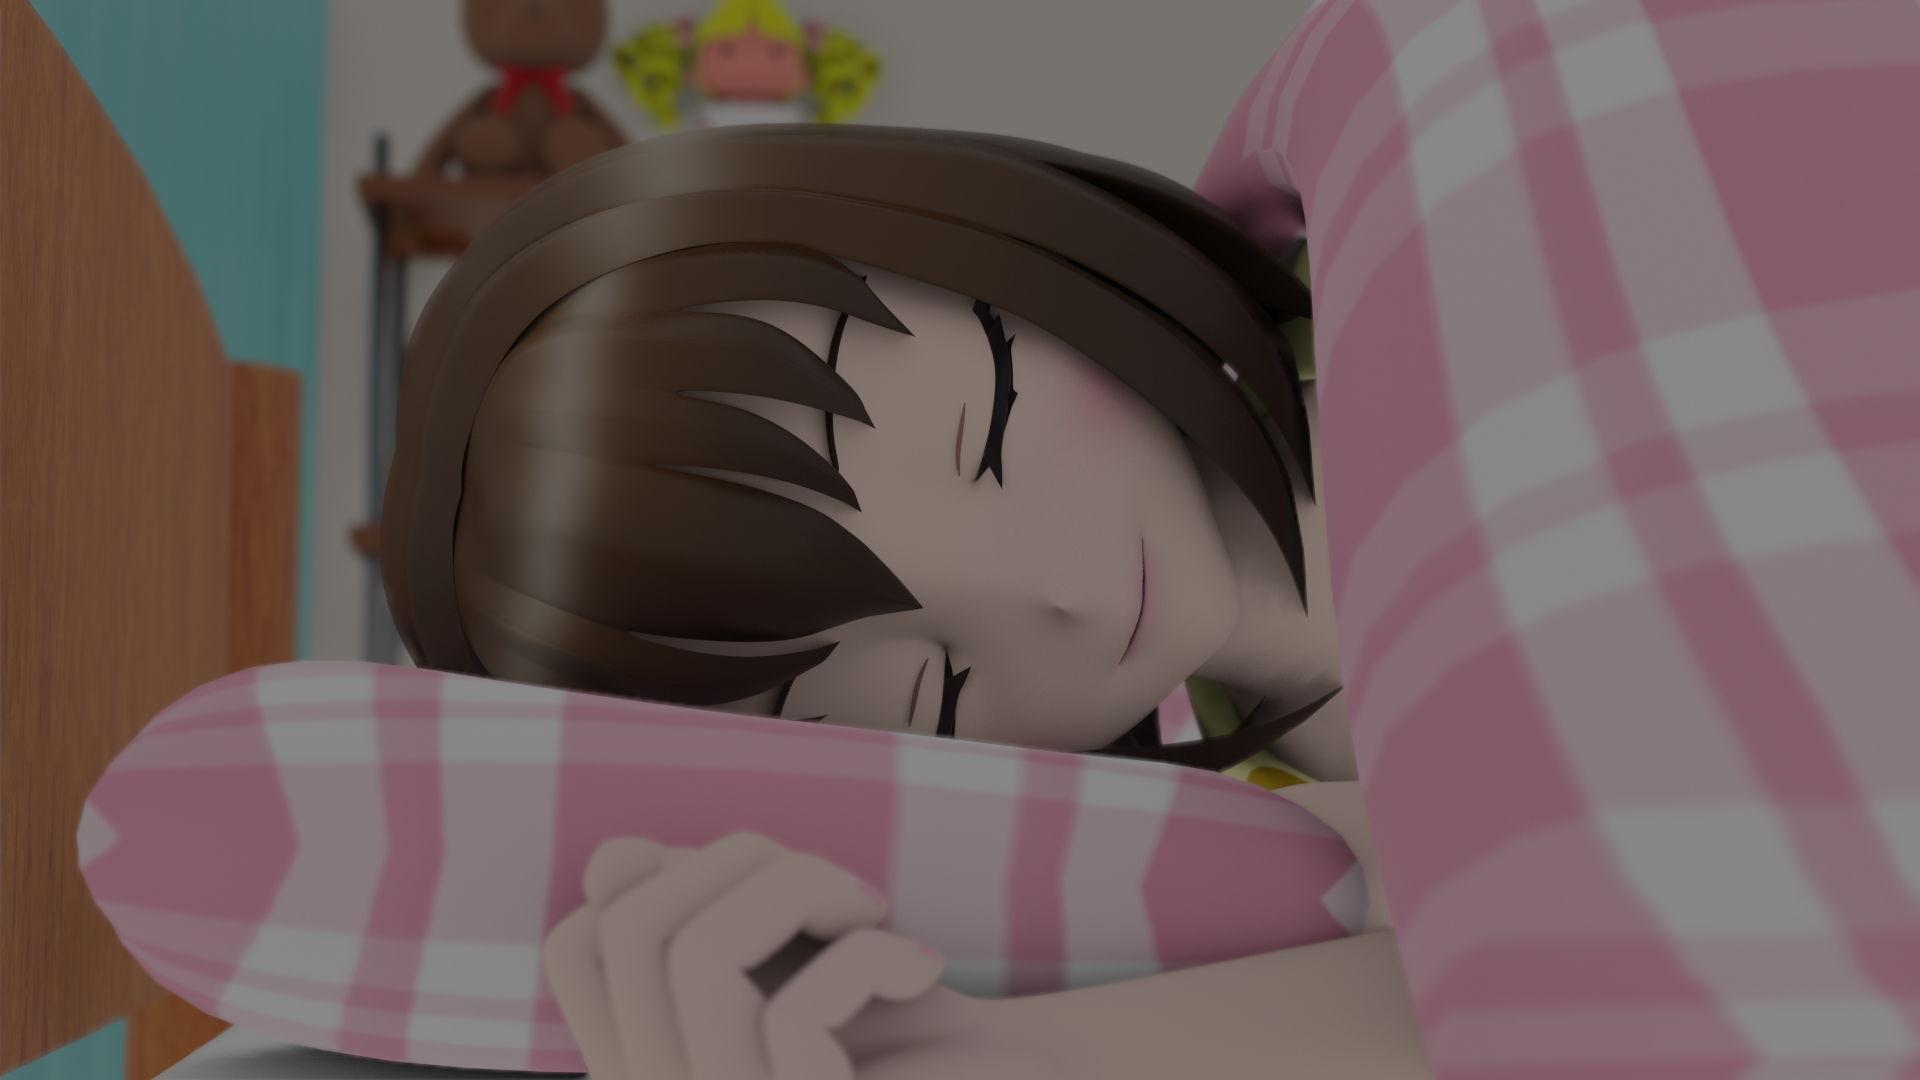 寝てるお姉ちゃんにいたずらしてたらバレてクンニをさせられました エロ画像